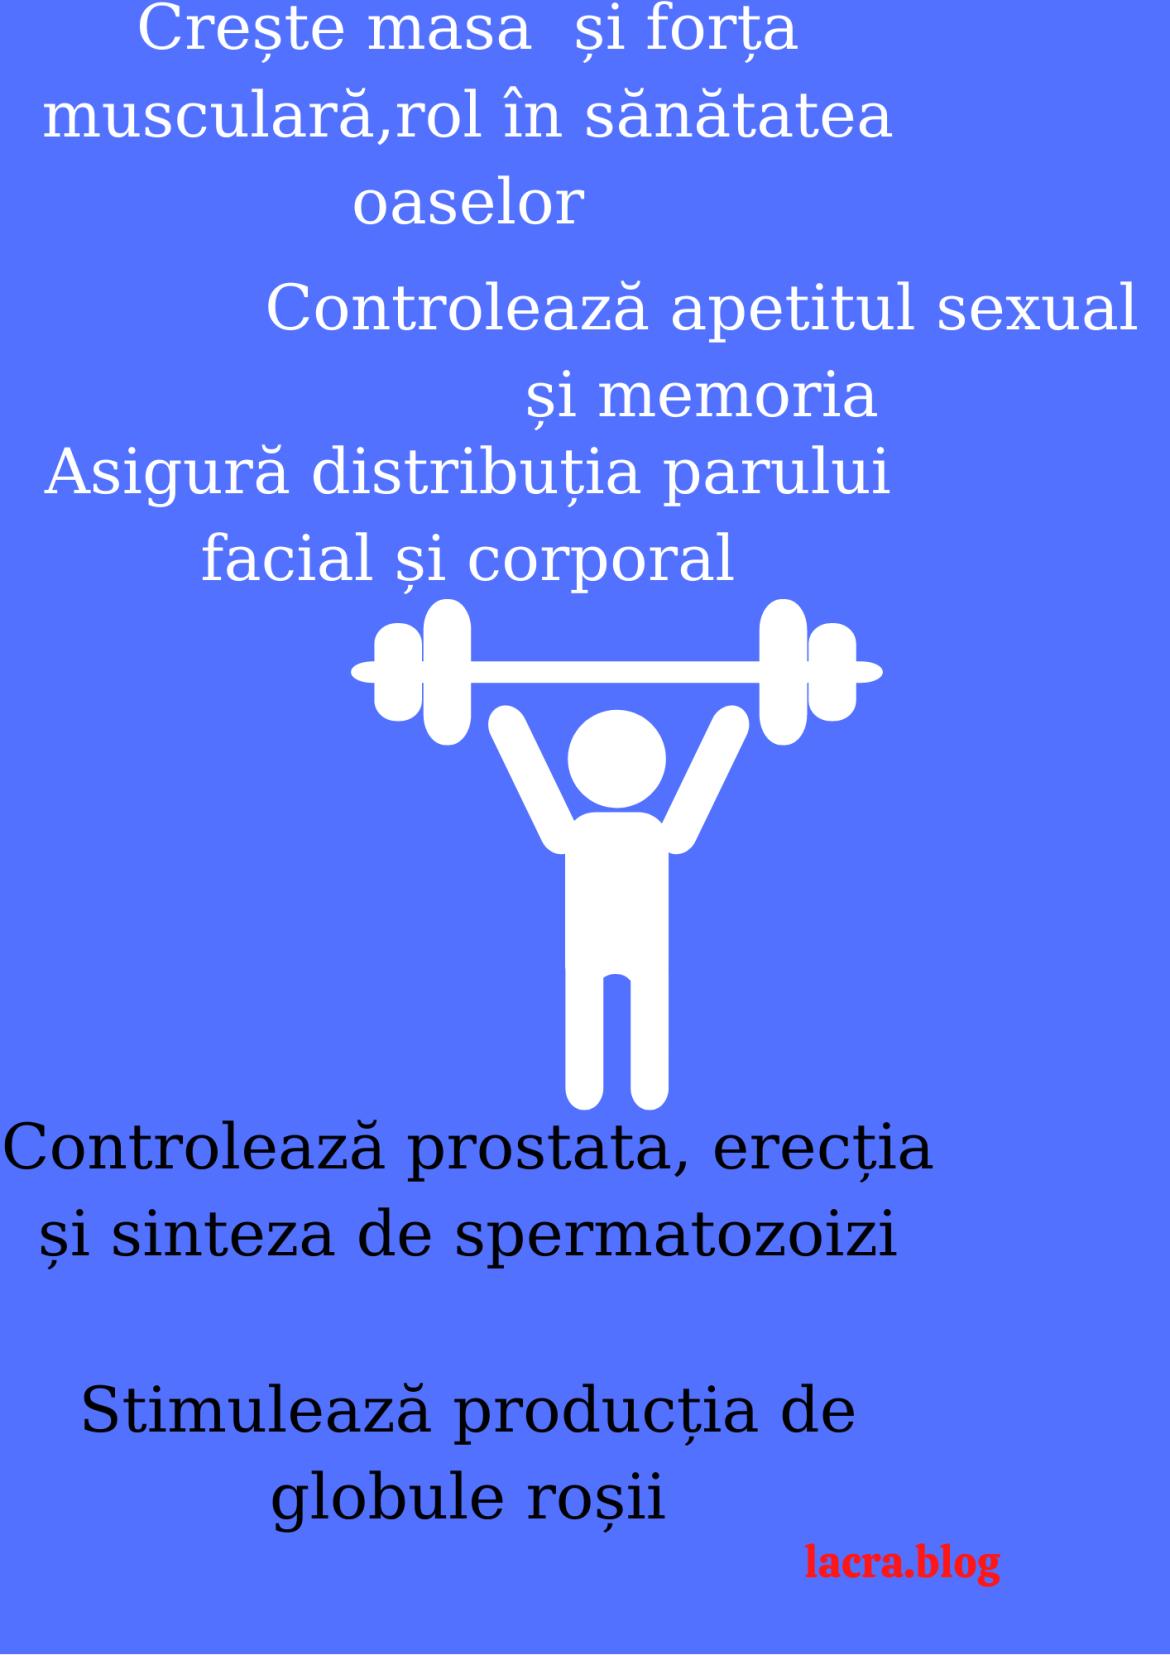 Andropauza – menopauza masculină